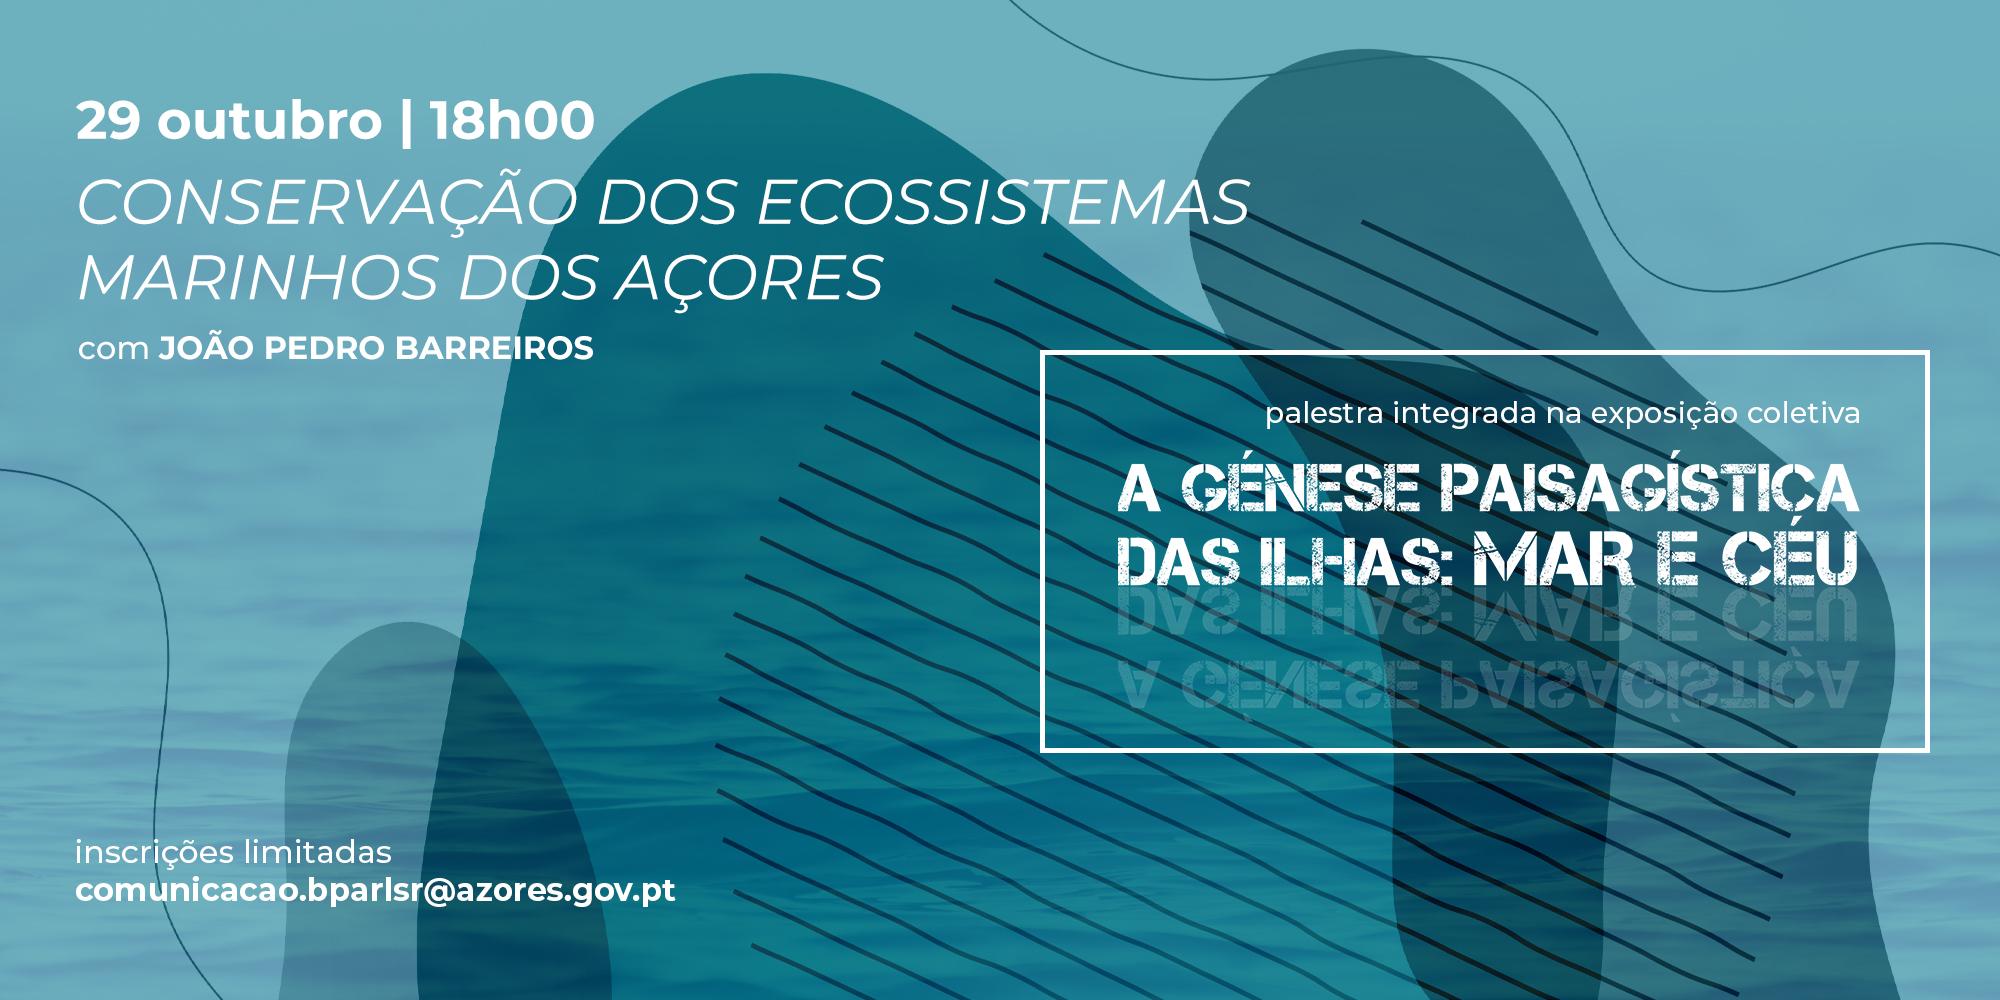 Conservação dos Ecossistemas Marinhos dos Açores